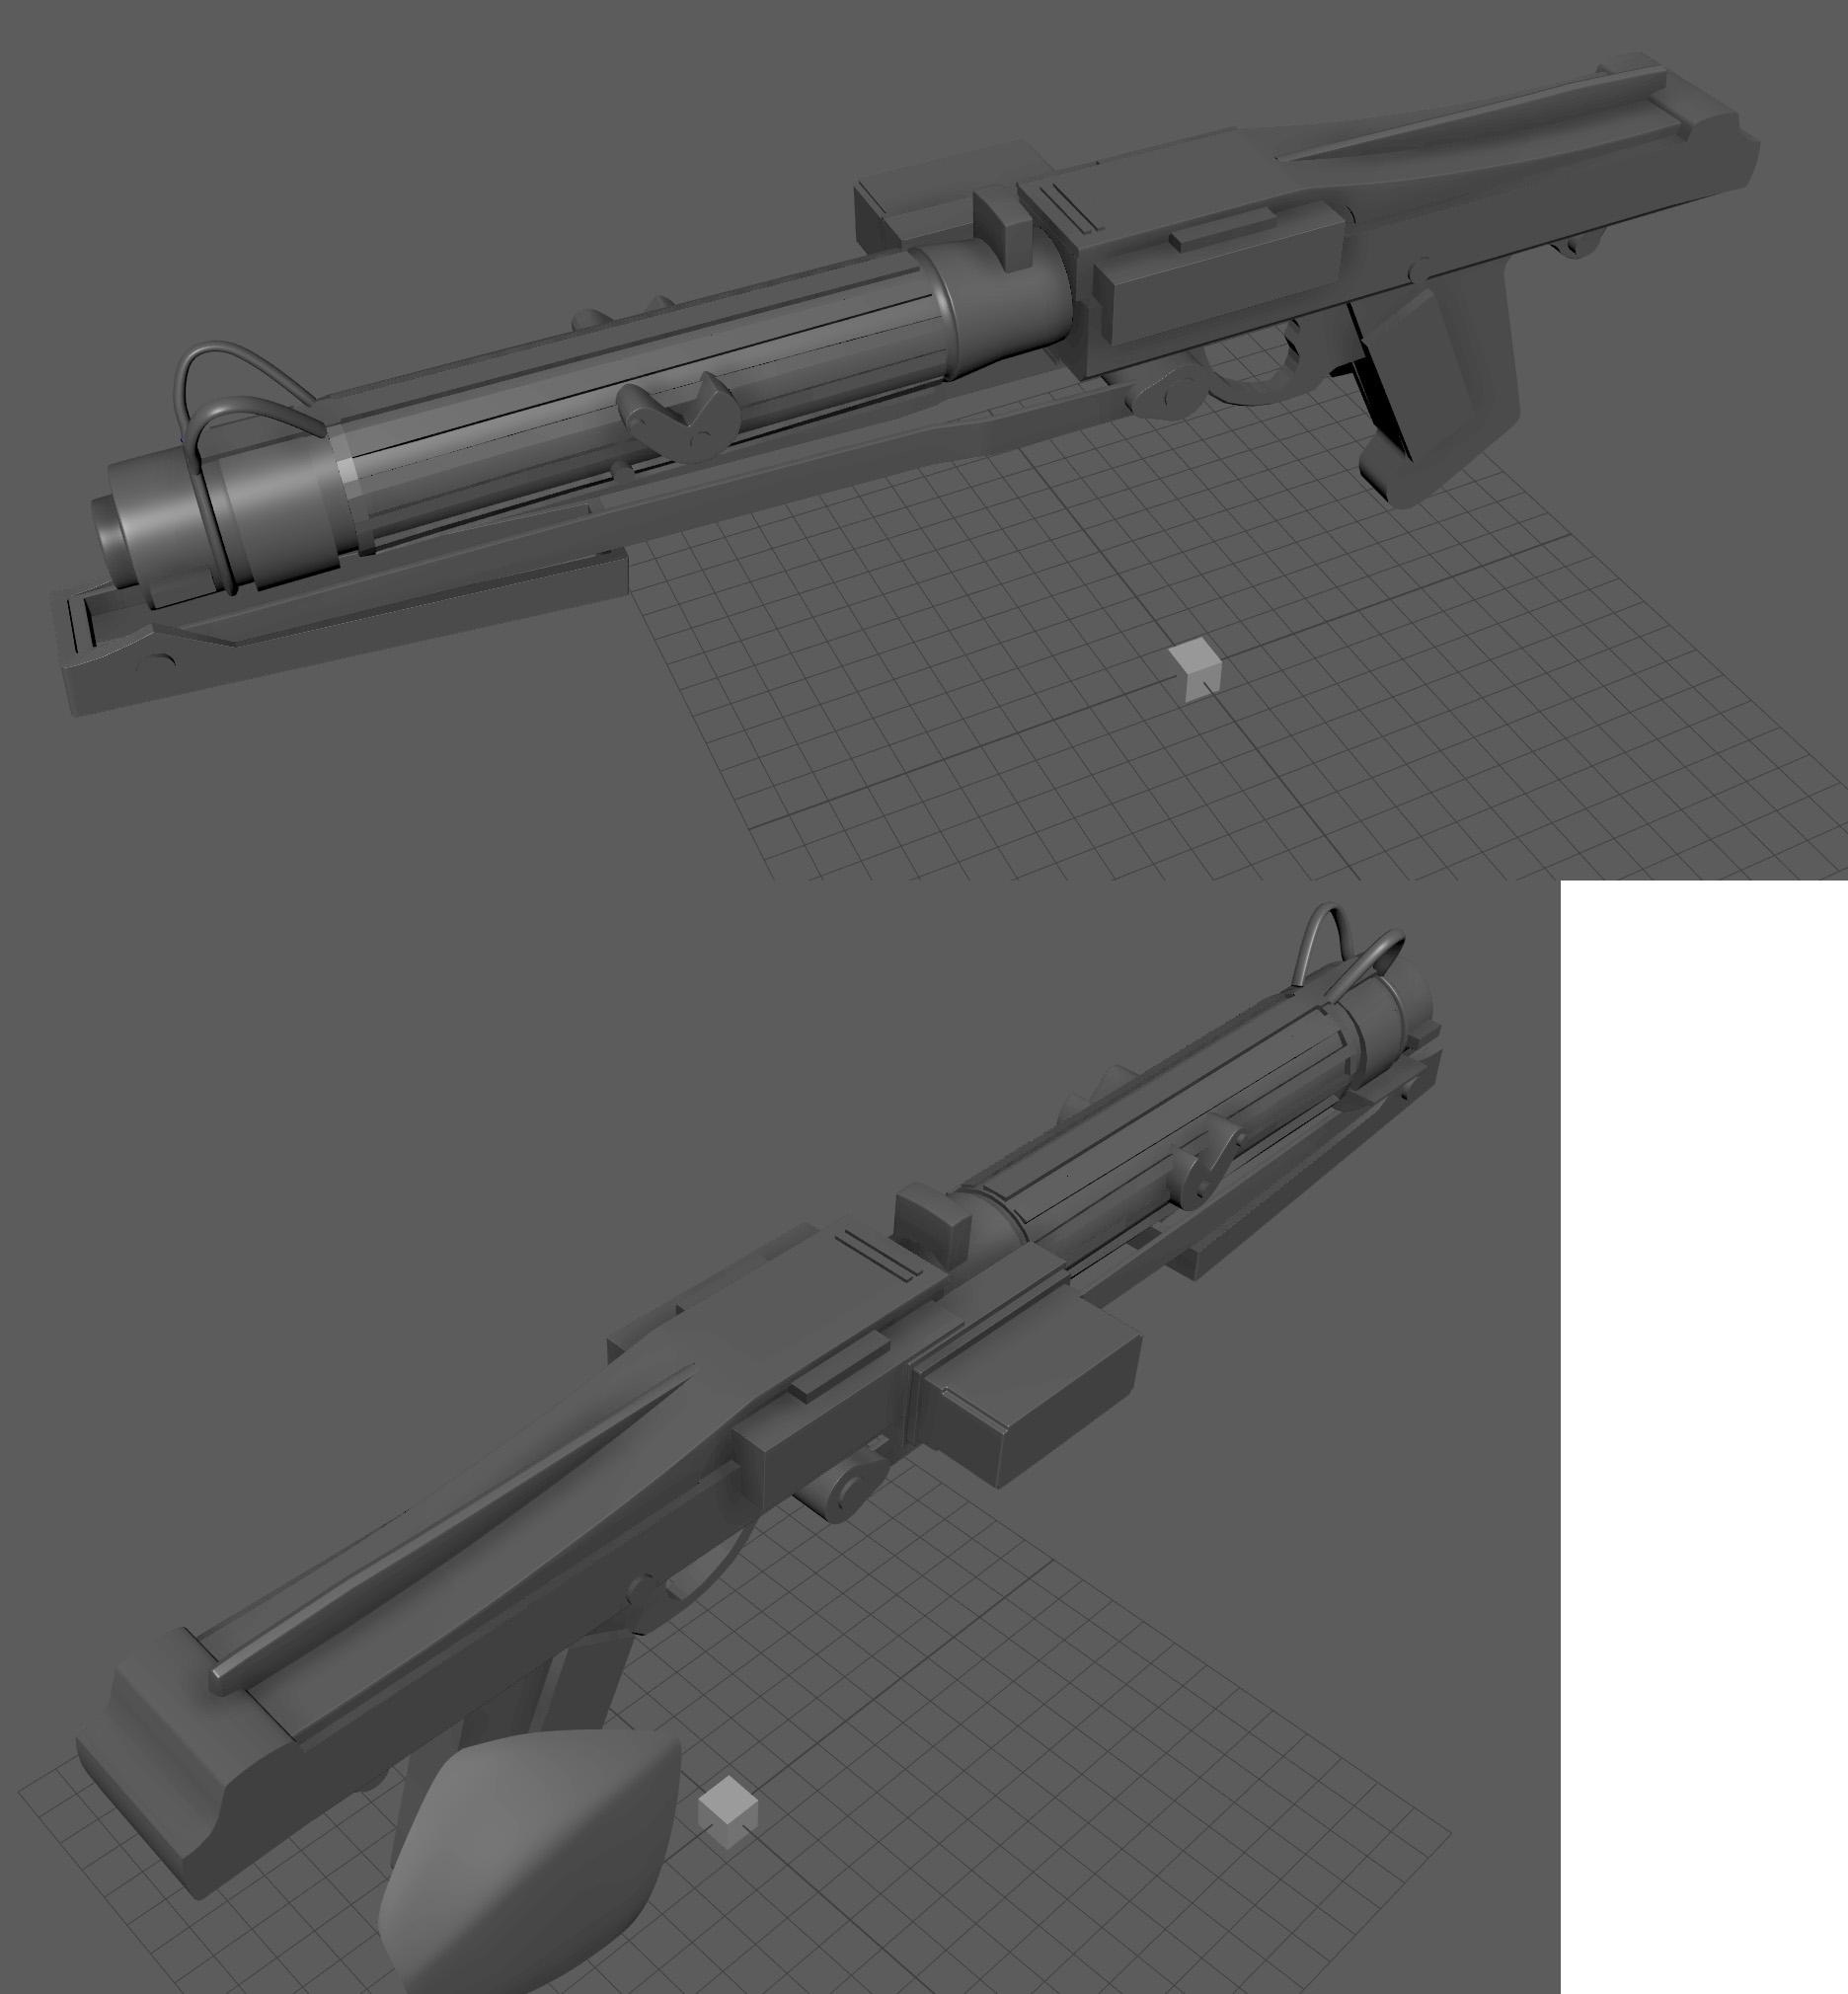 cl_rifle.jpg